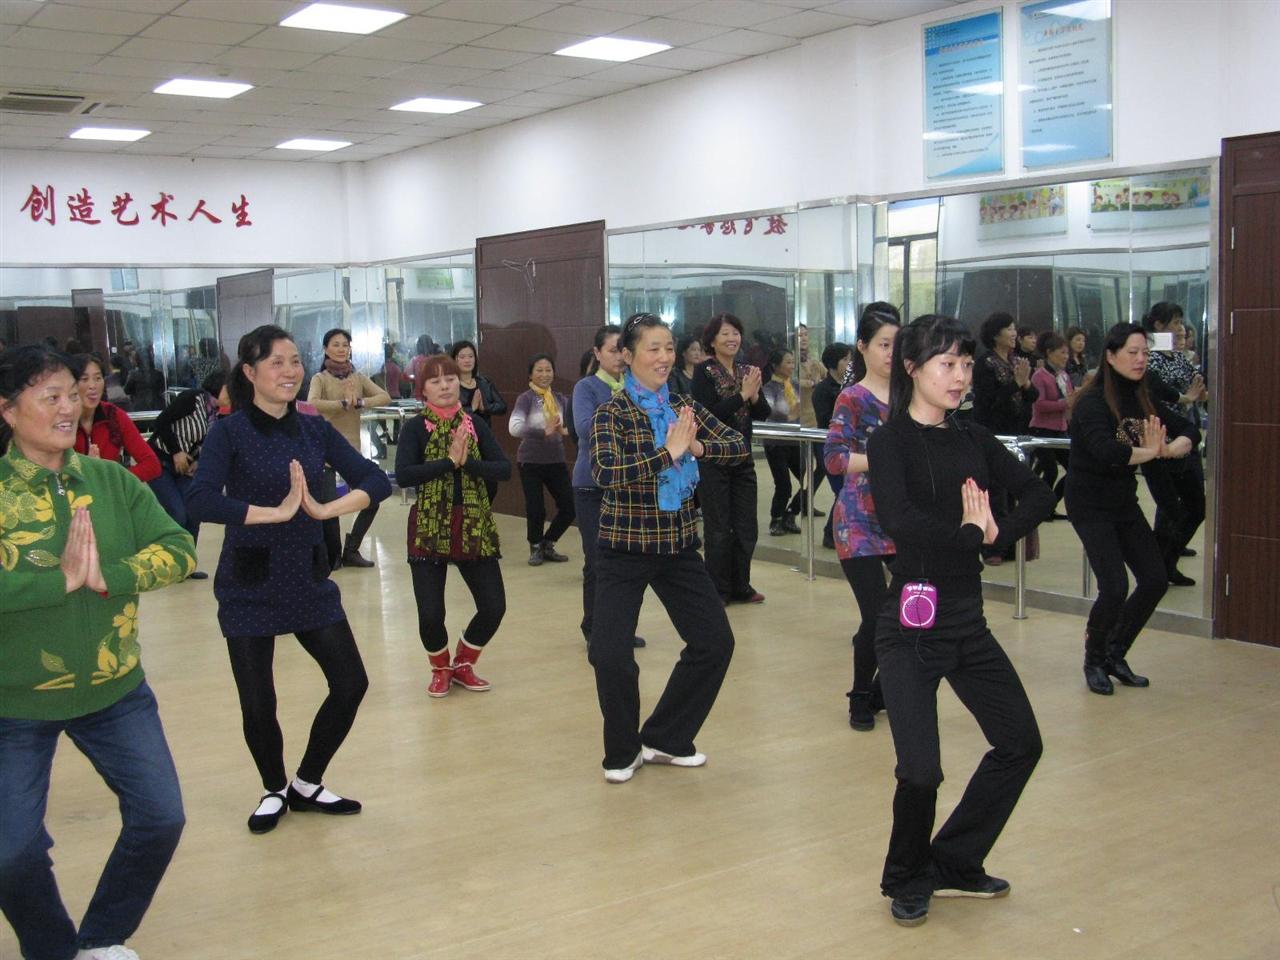 2015年4月7日—10日市文化馆深入郊区举办文艺骨干广场舞培训班